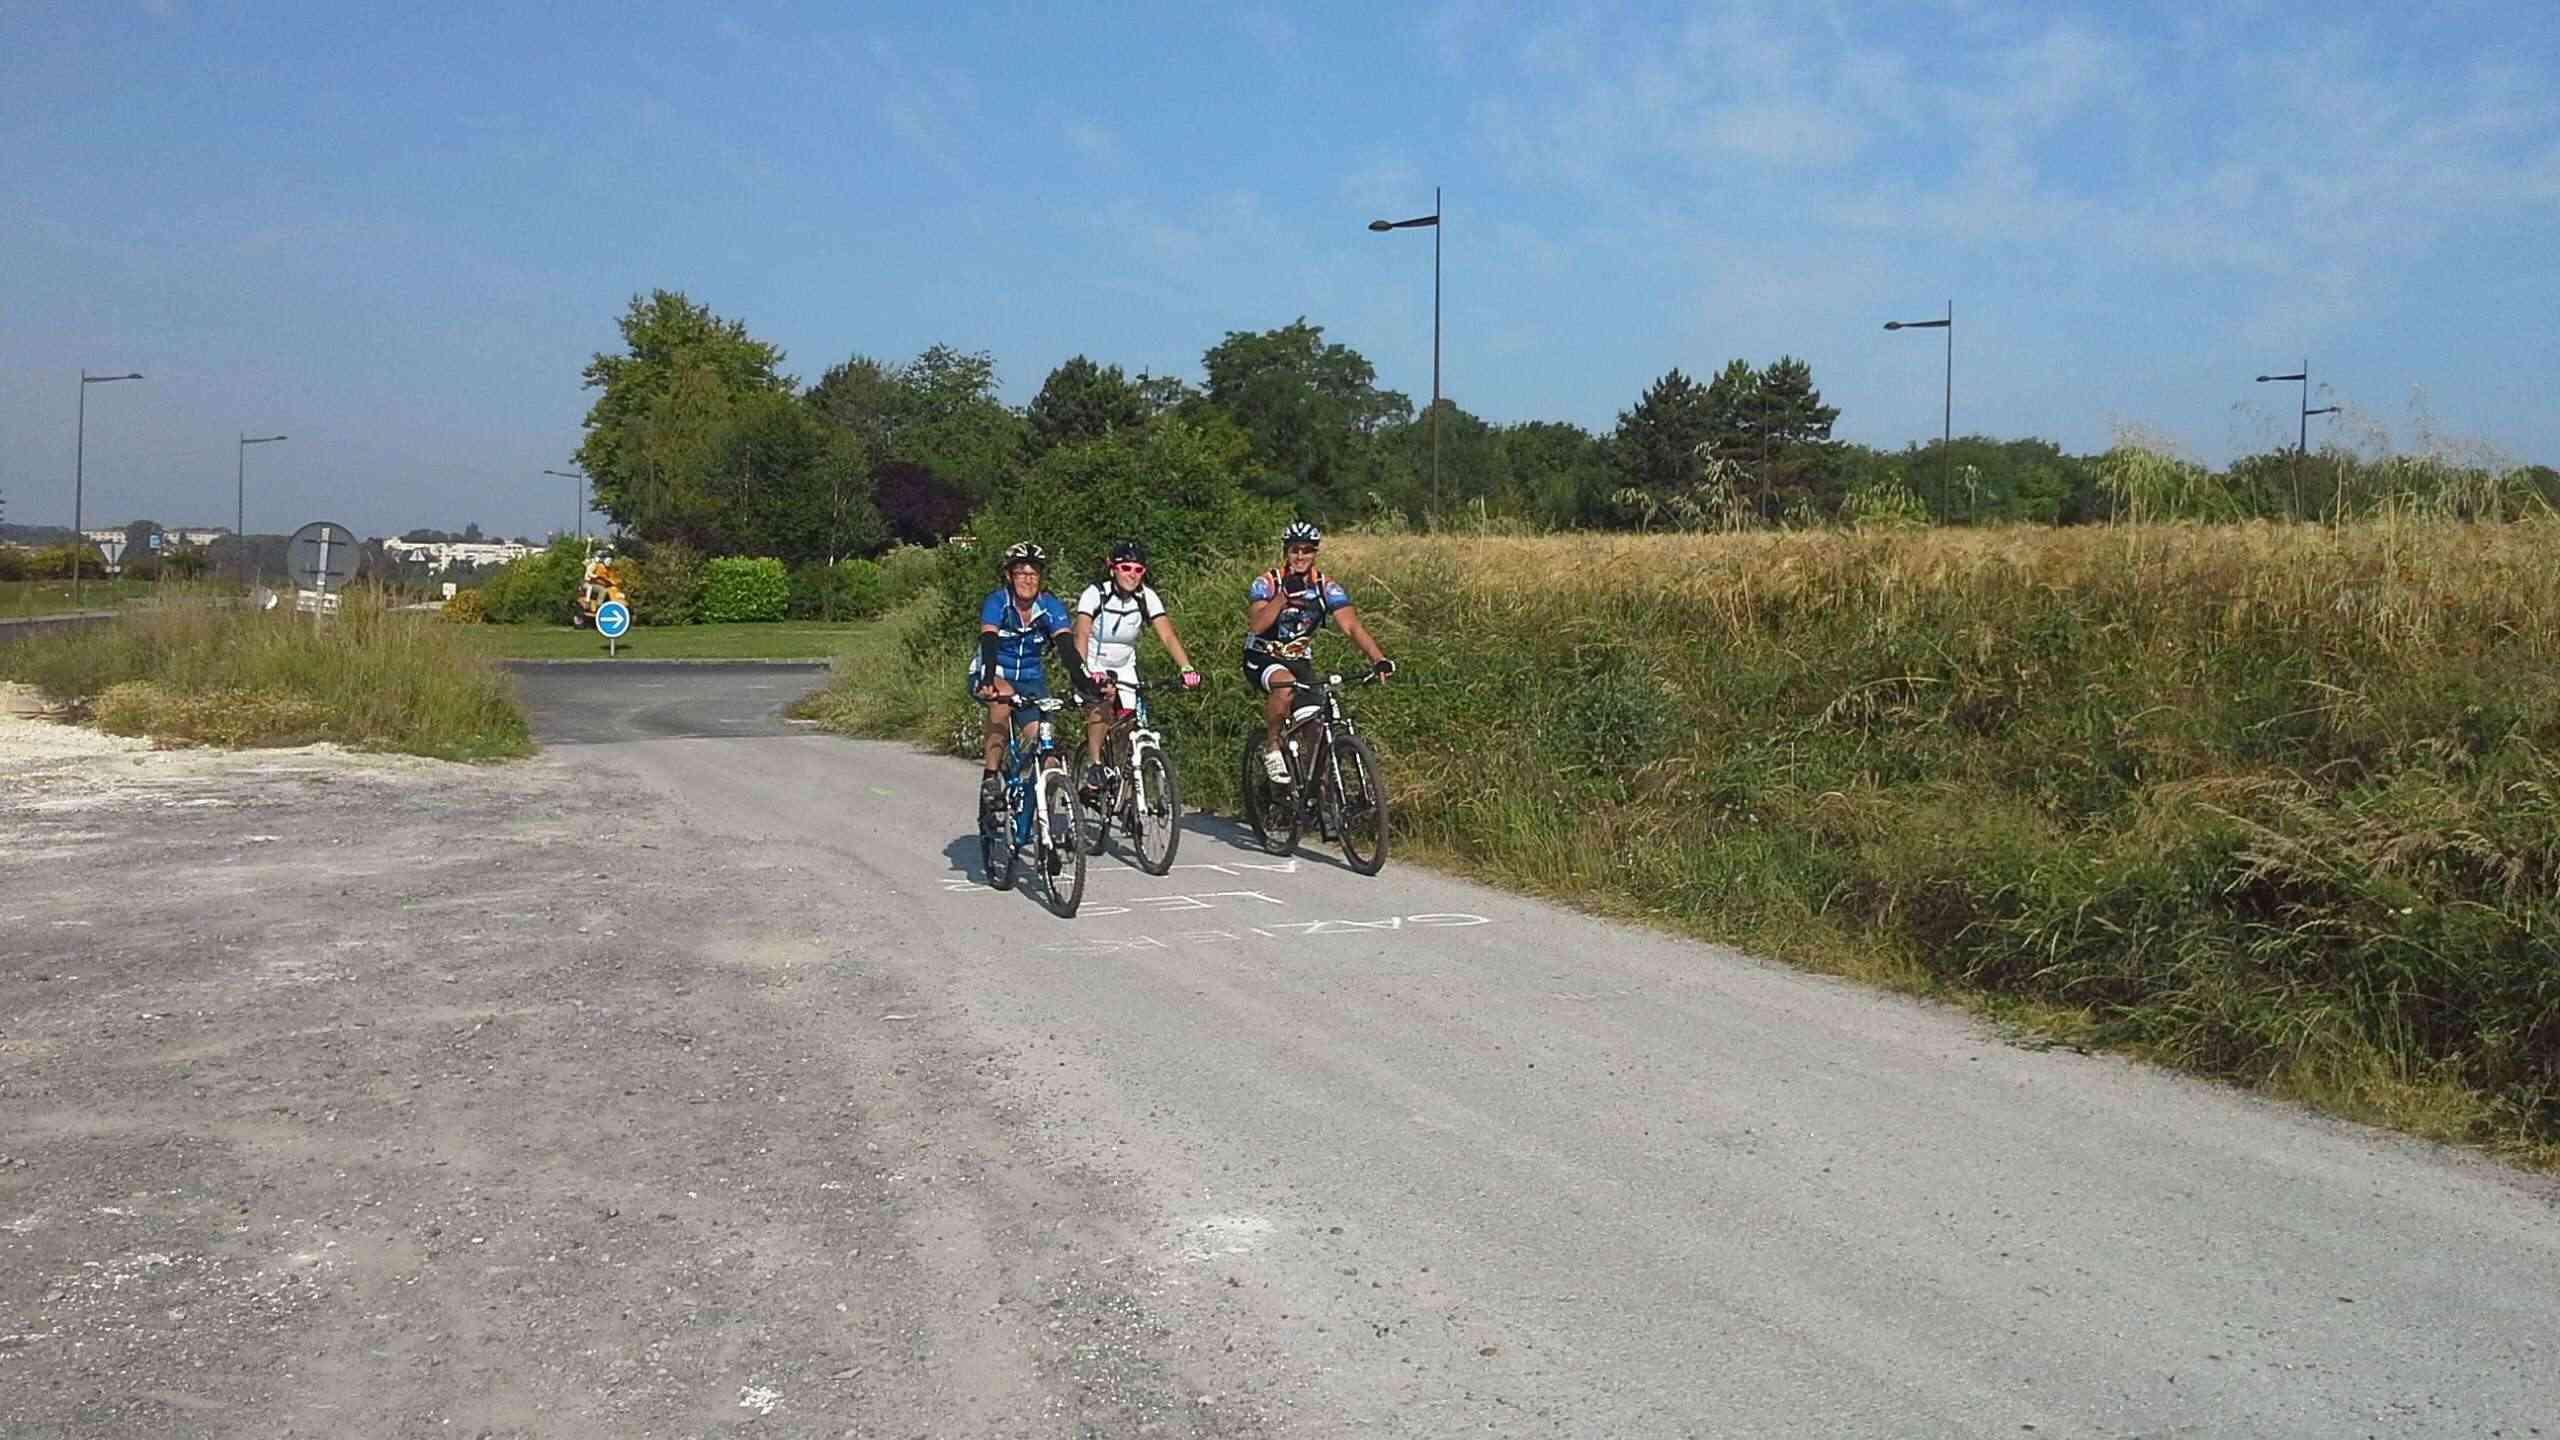 St Quentin fête du vélo 22/06/14 - Page 2 20140634